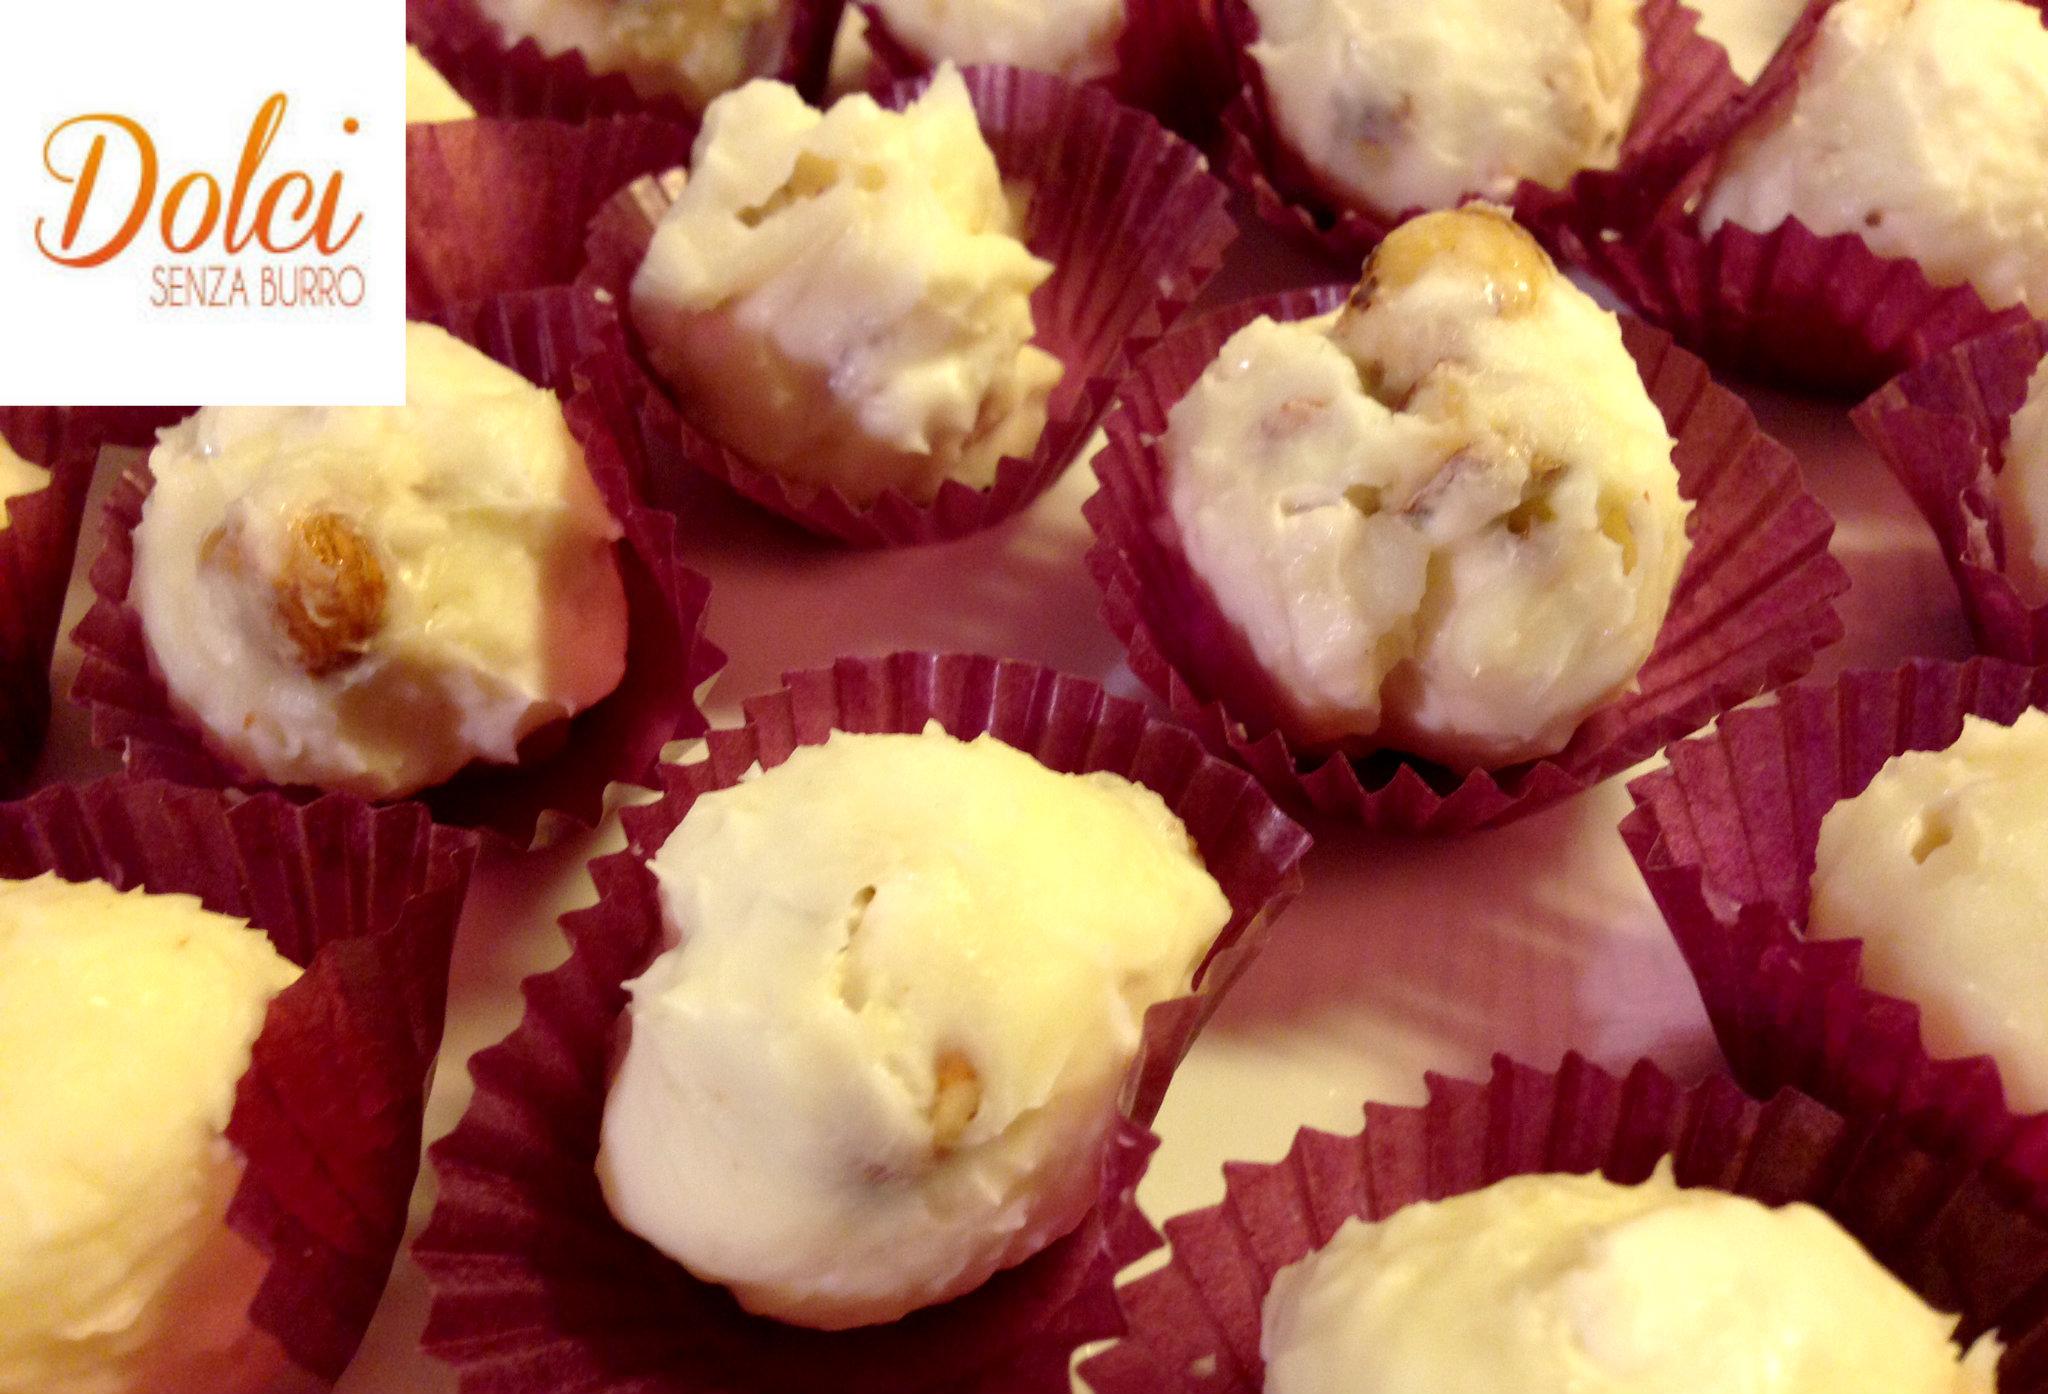 Palline al Torrone senza burro, i dolci del riciclo di dolci senza burro